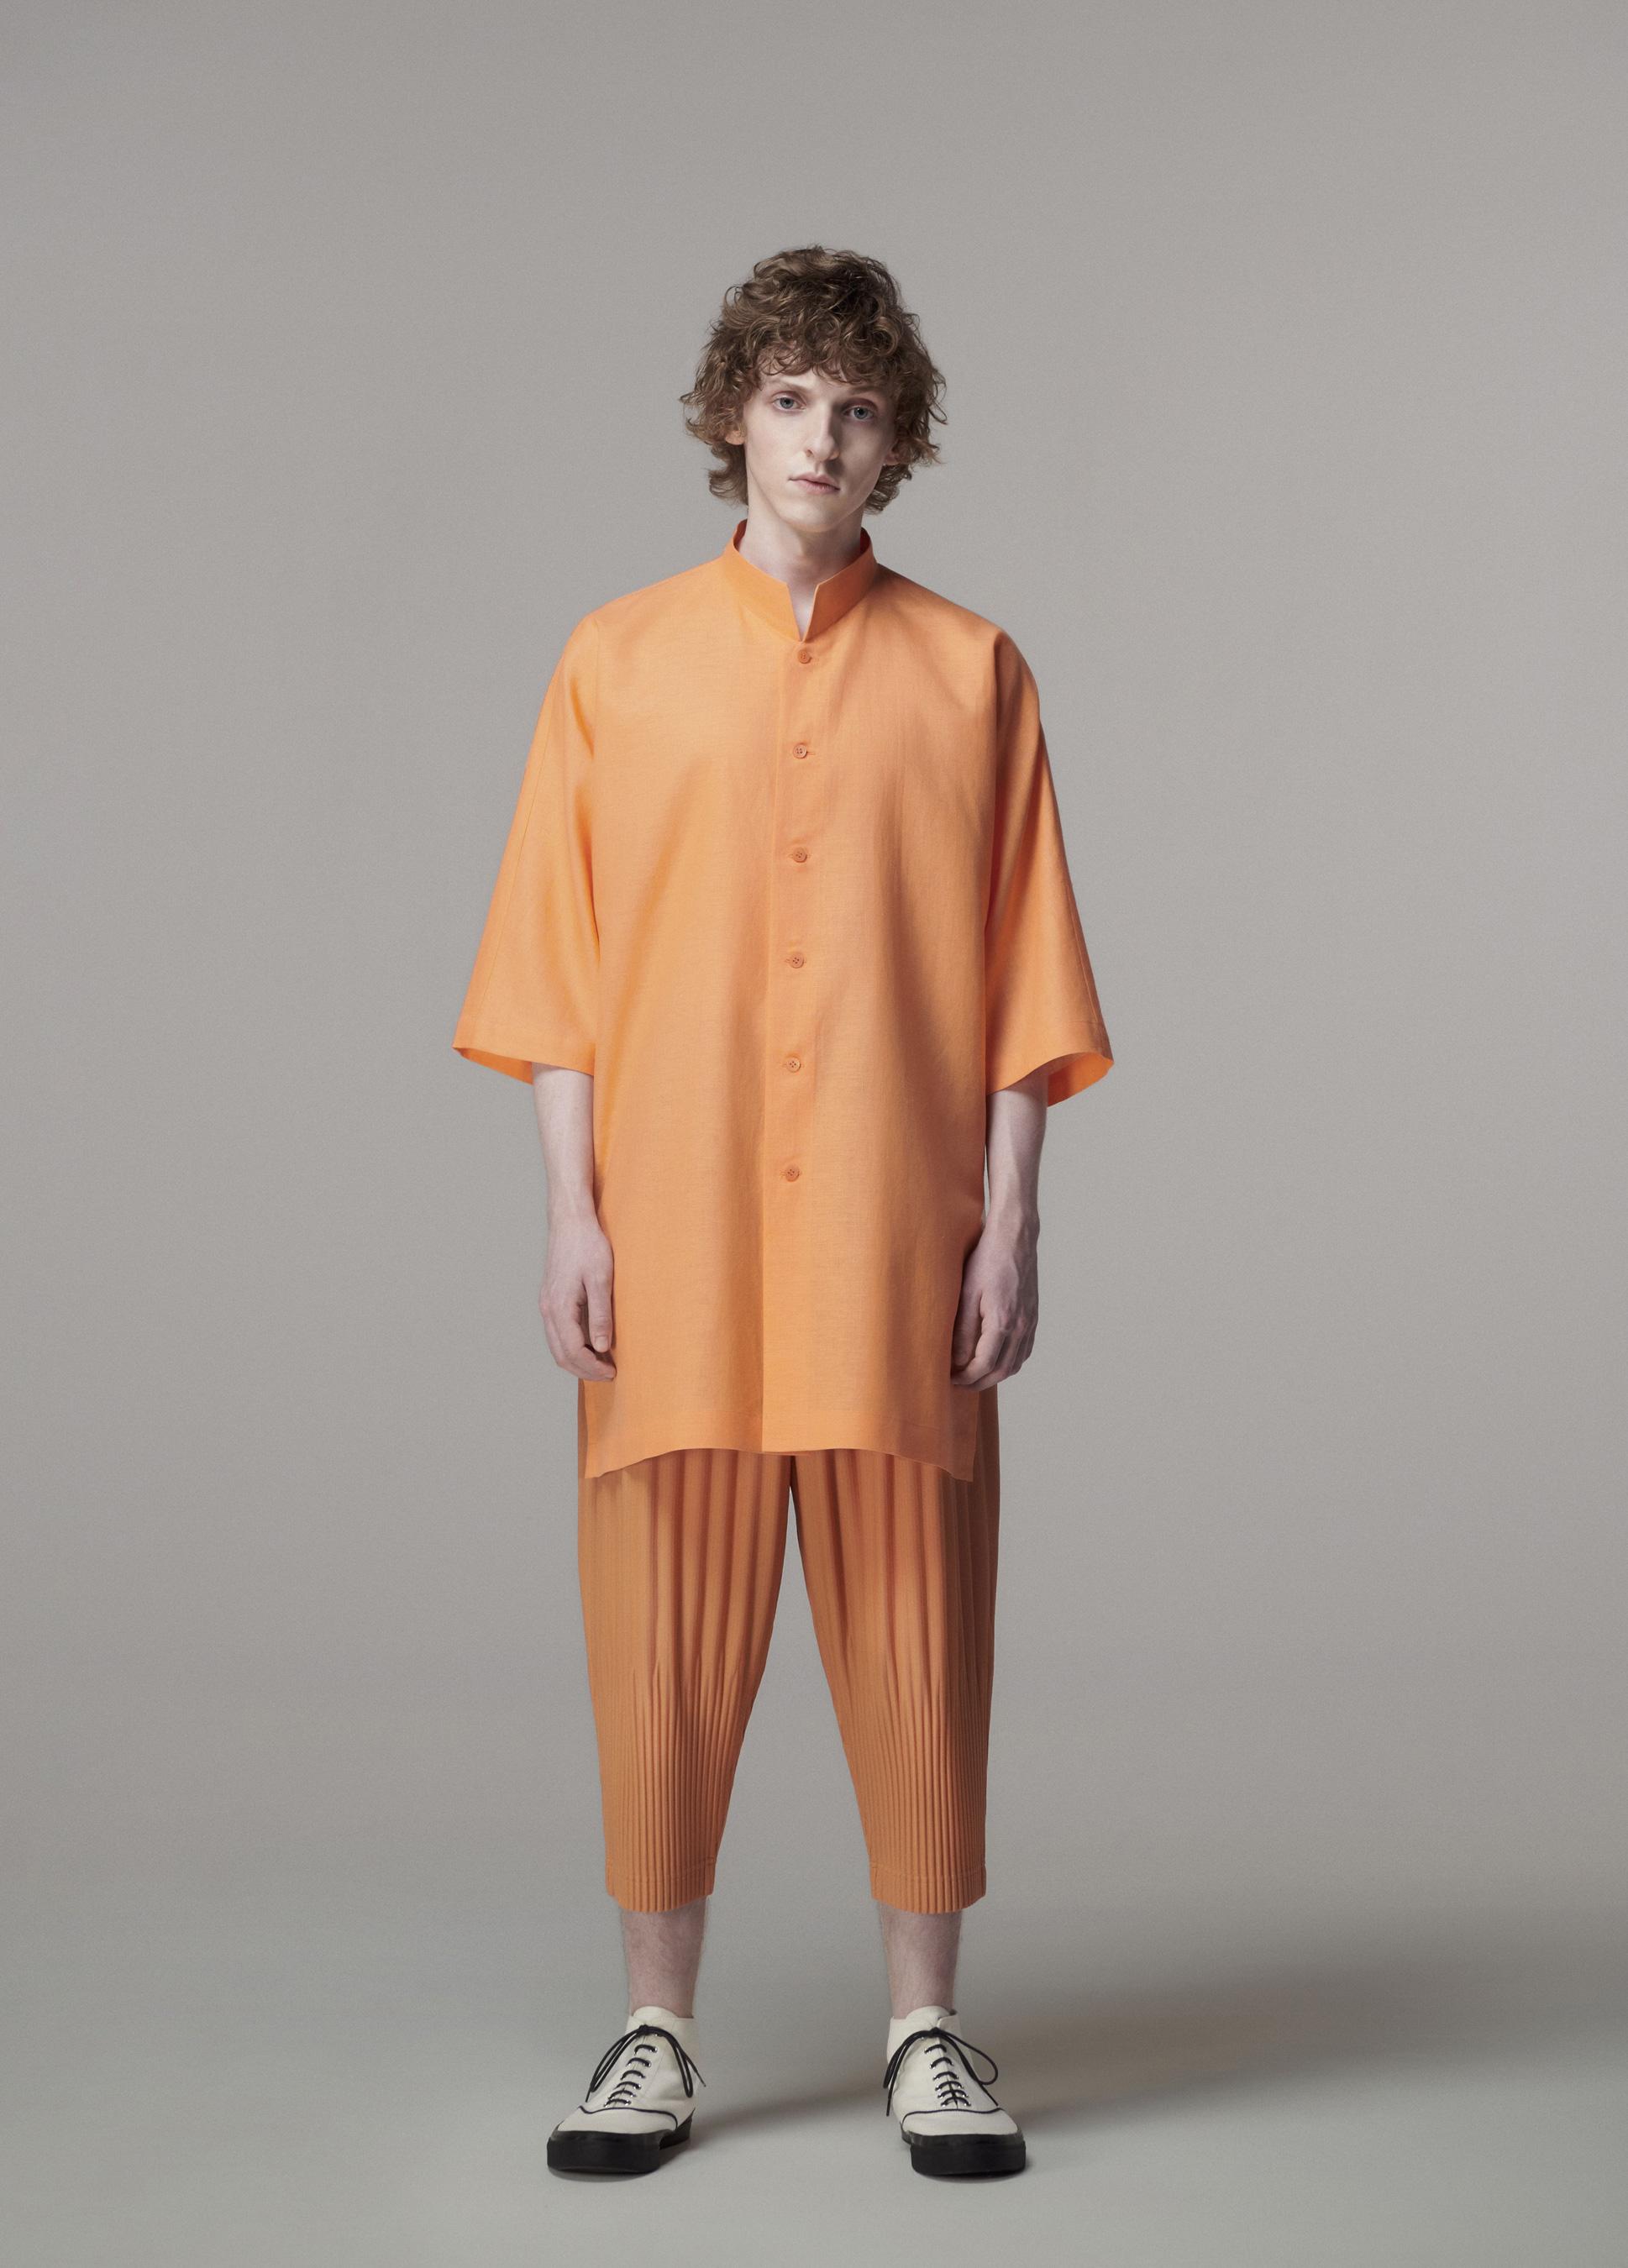 Issey Miyake Spring 2021 Men's Fashion Show Photos